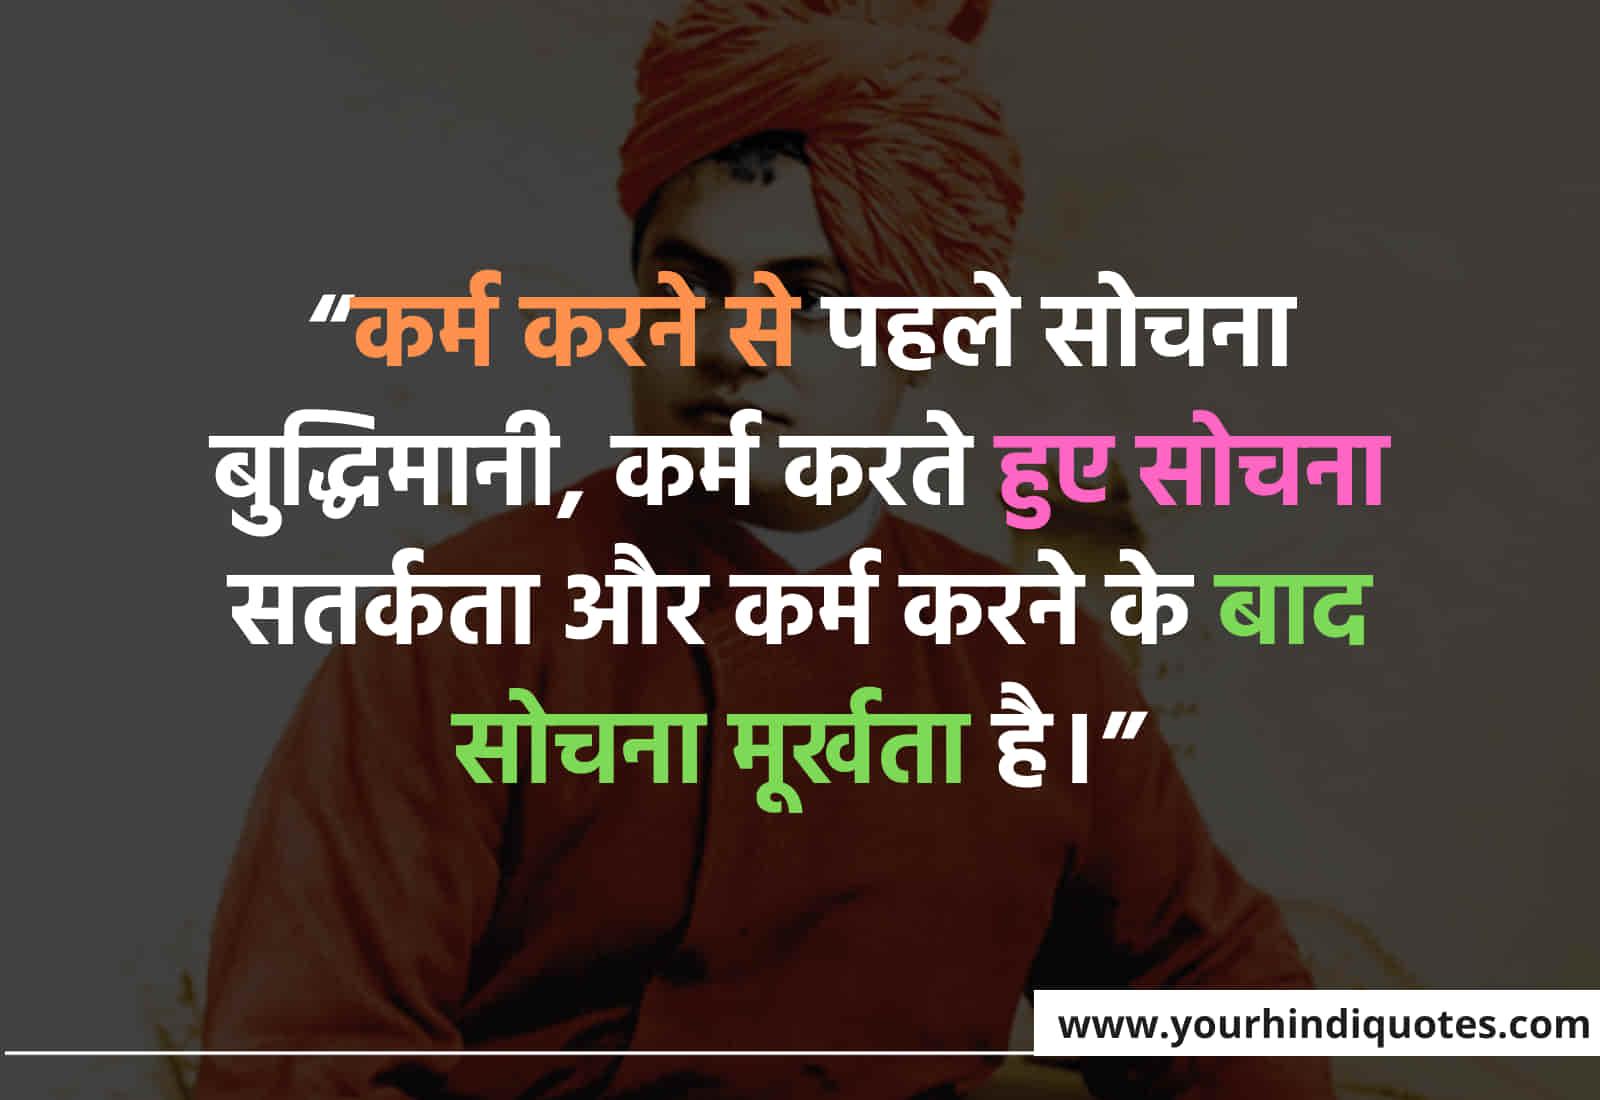 Hindi Quotes For Karma